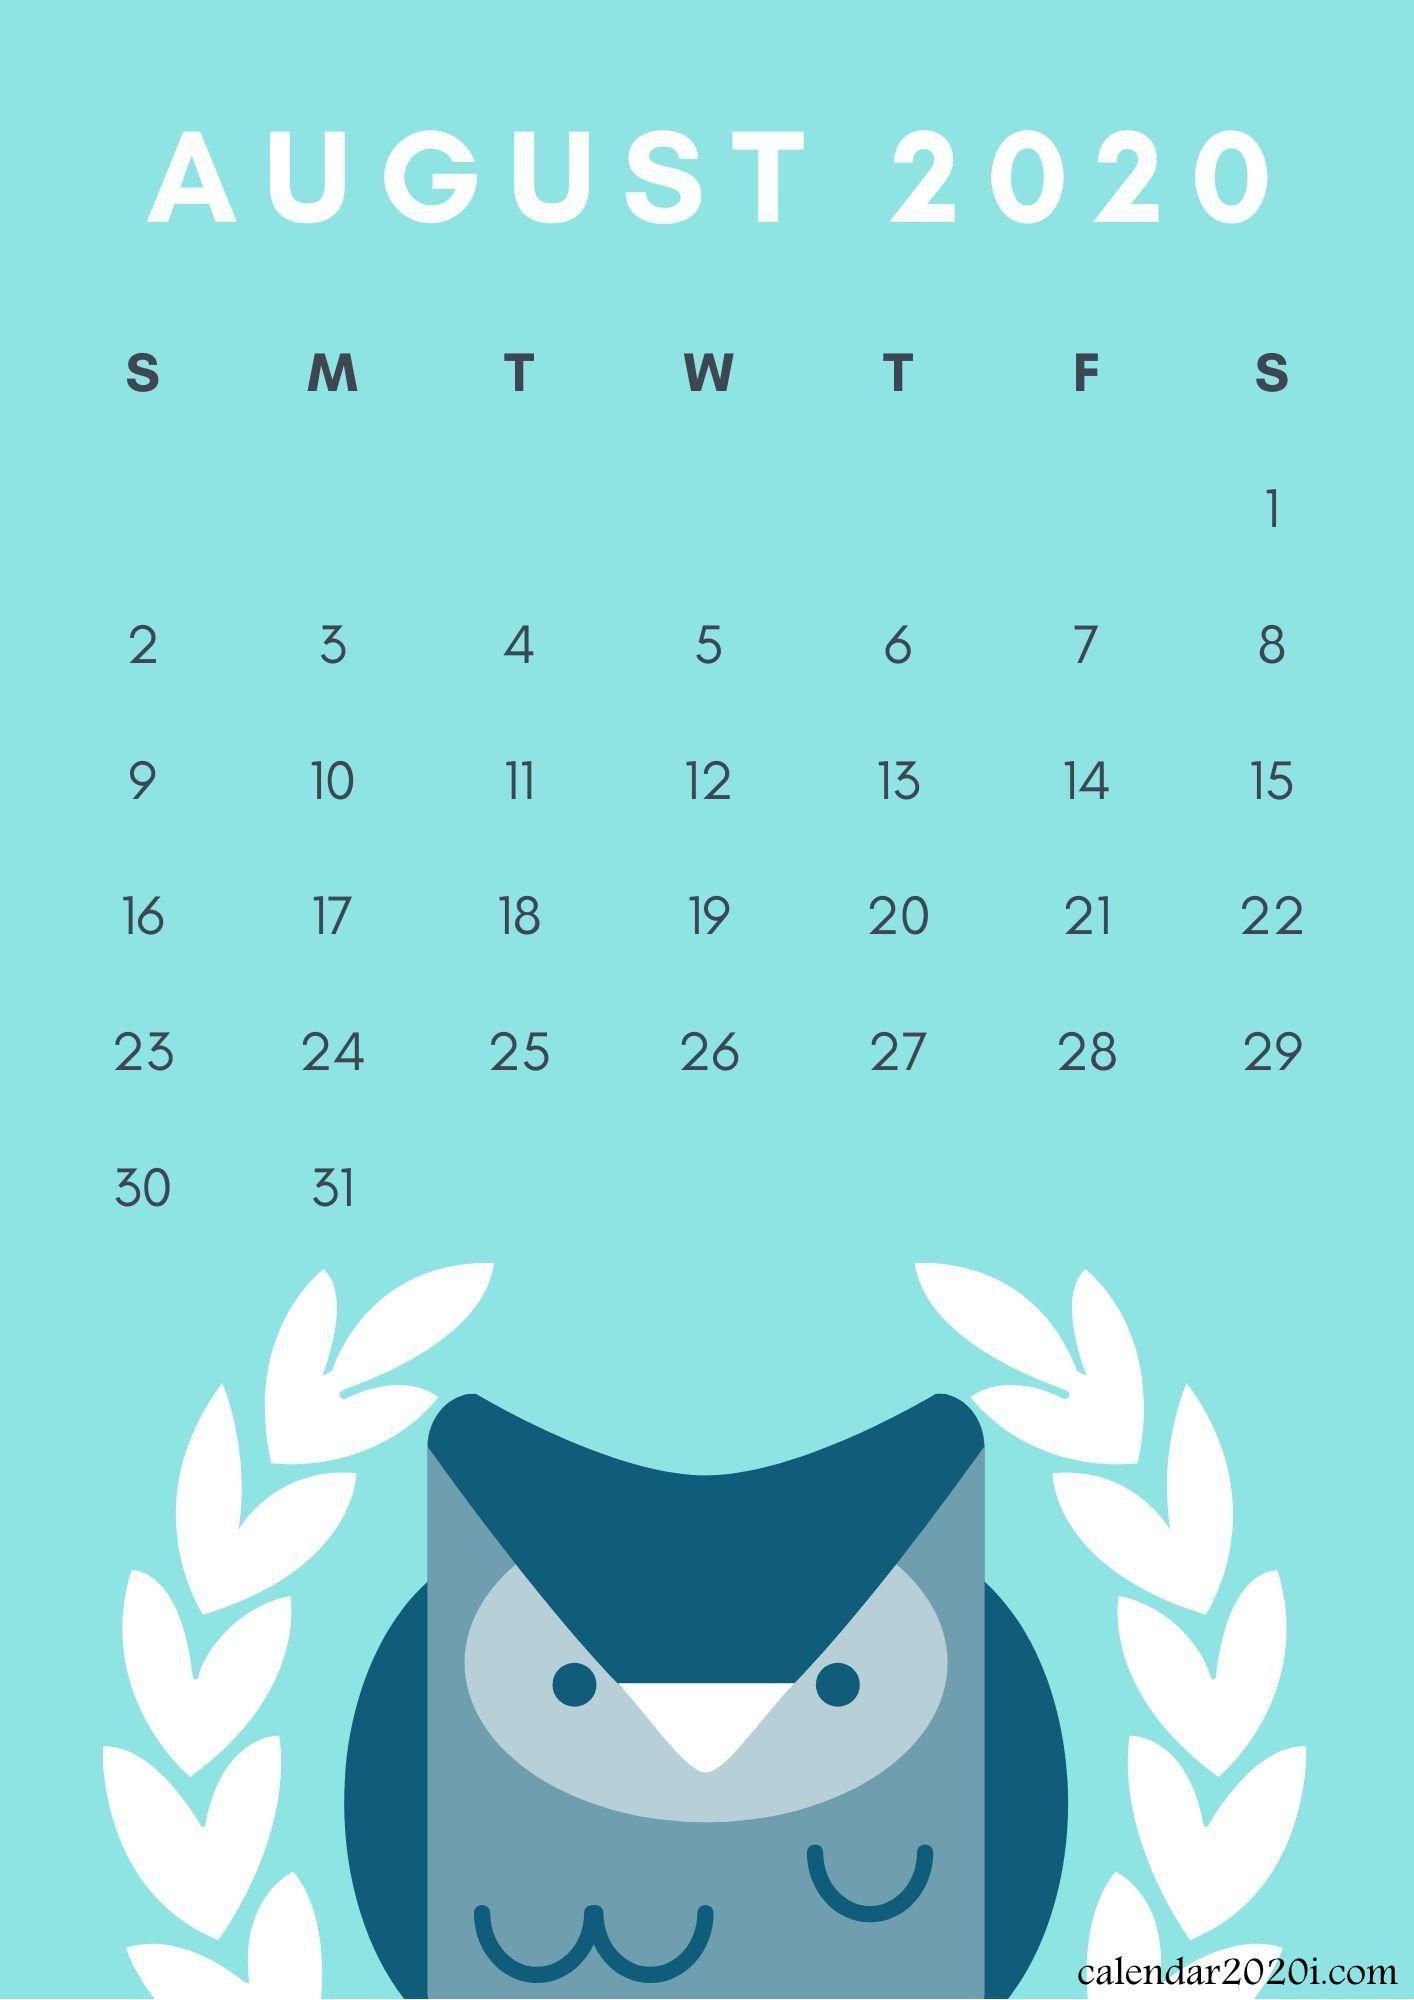 Iphone August 2020 Calendar Wallpapers | Calendar 2020